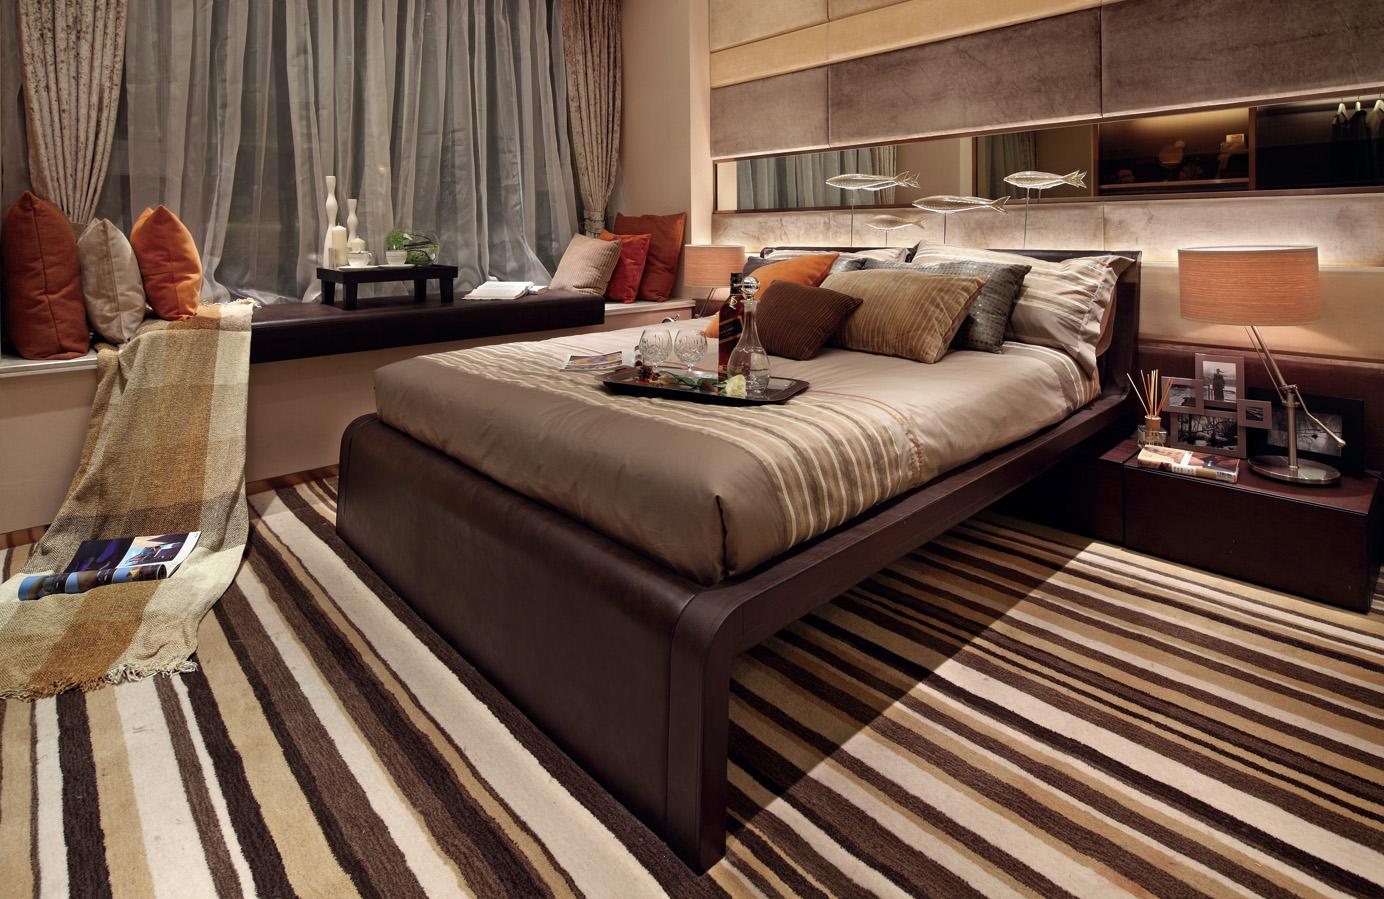 满足业主需求,空间布置个性化,充分利用空间,空间既宽敞也显得舒适整洁